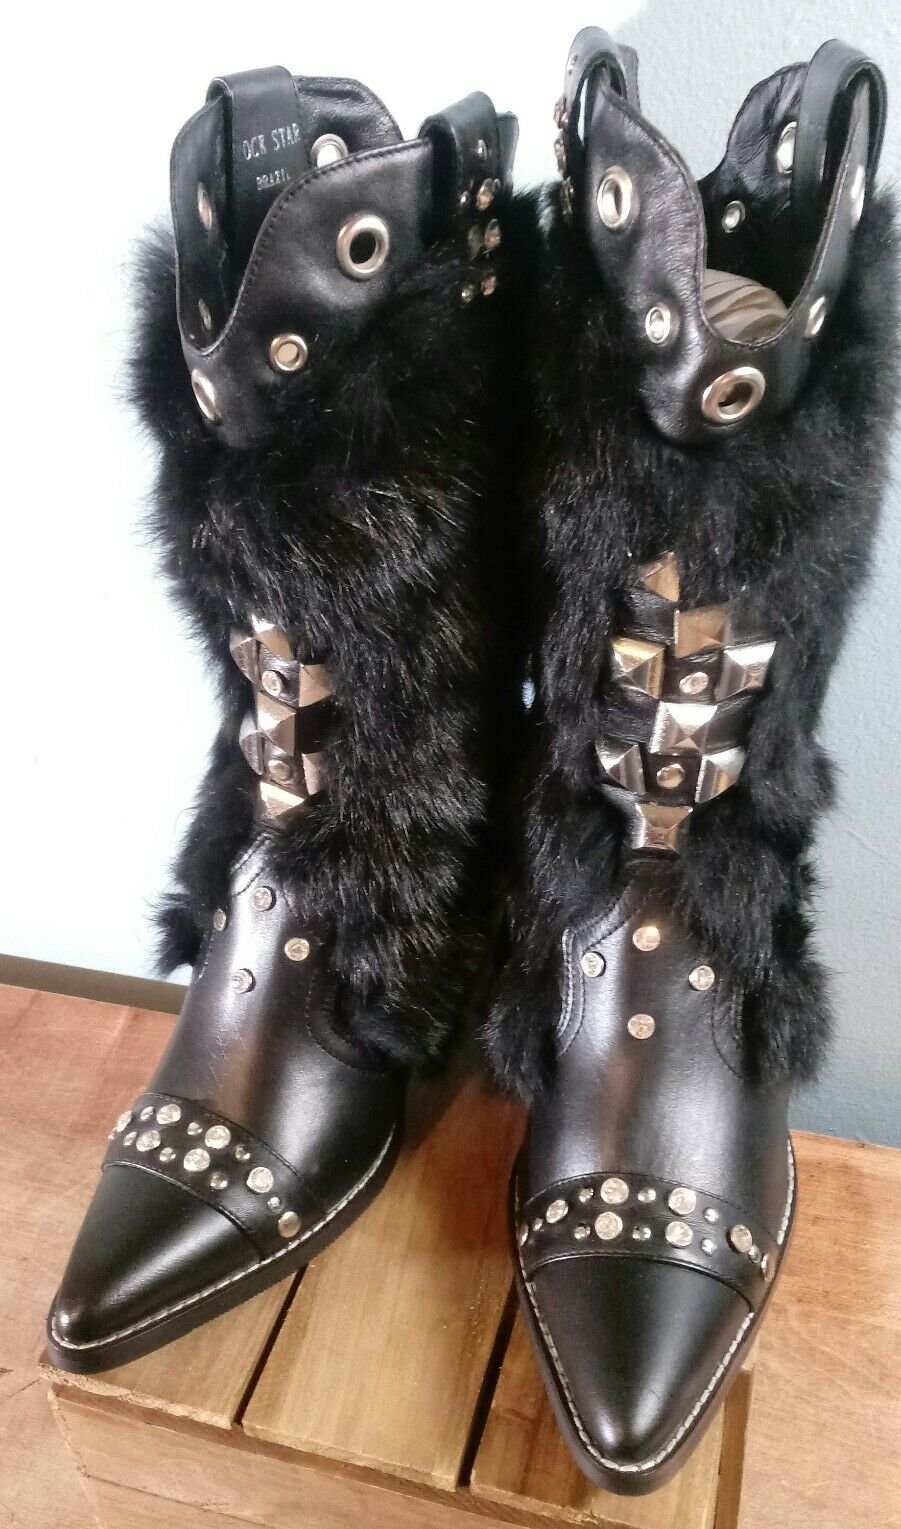 Capelta Couture Negro de Estrella De Rock cuero y botas de Negro piel de conejo talla 8 M 280302